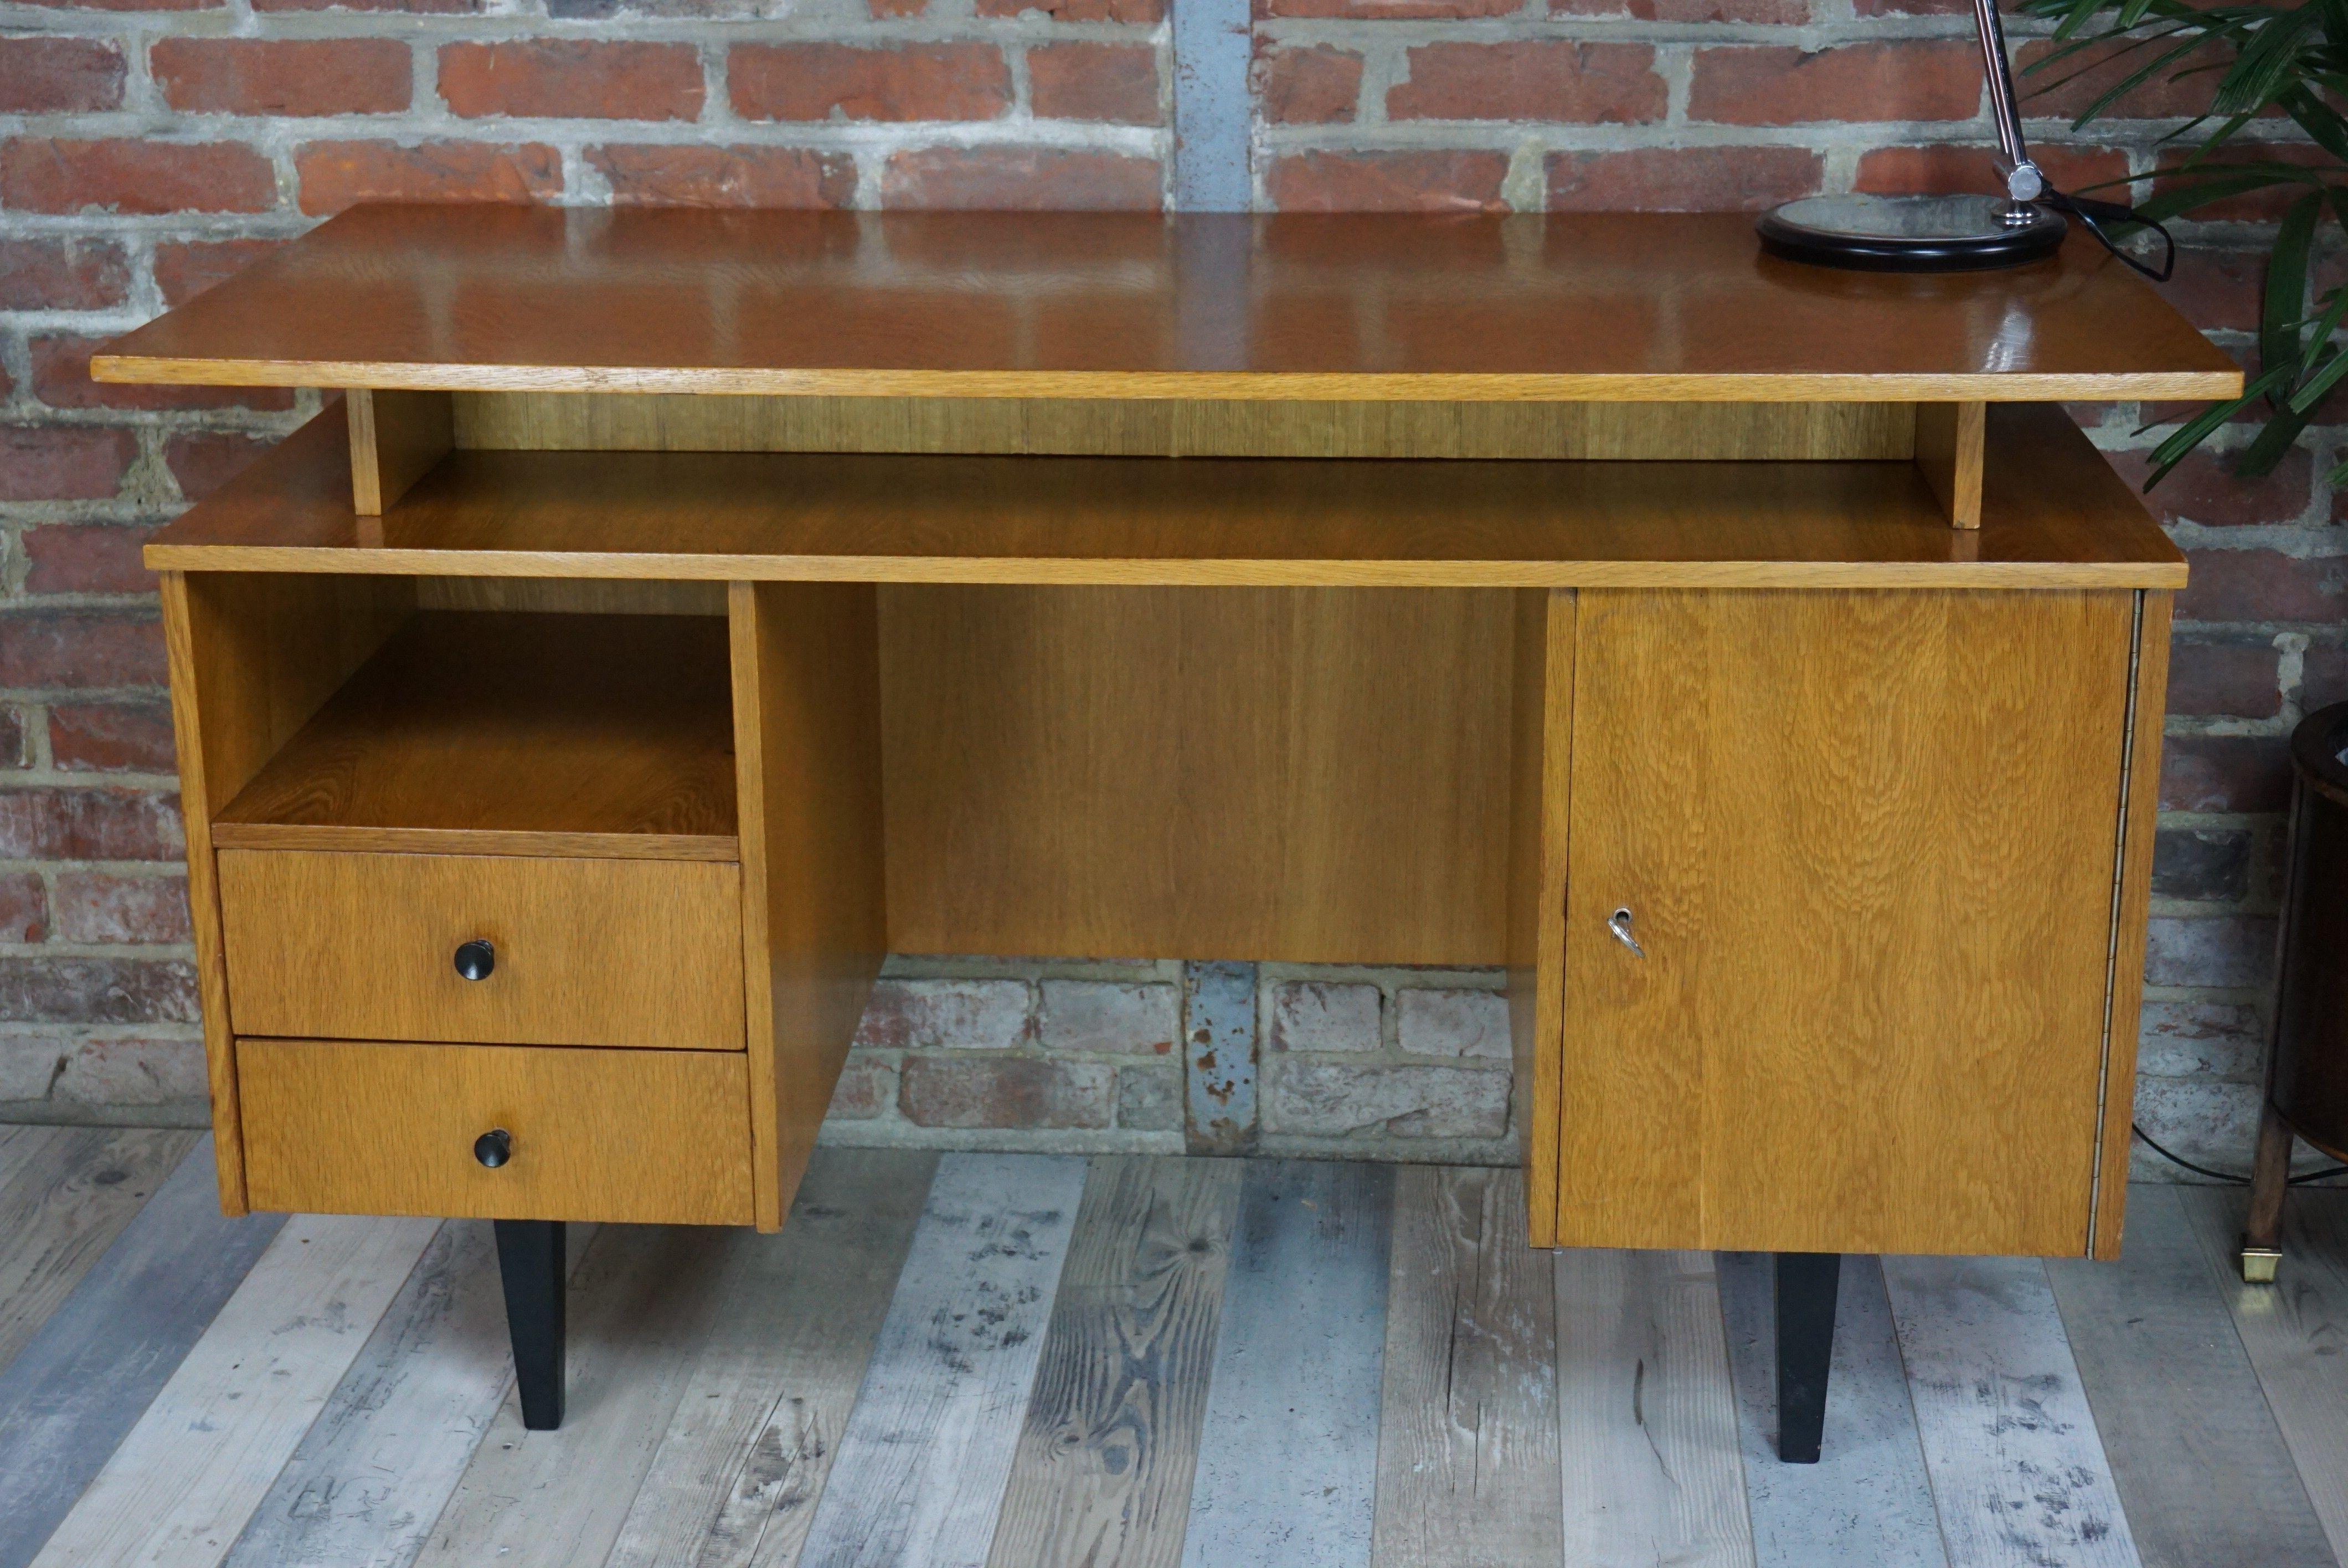 Bureau Annees 60 Style Scandinave D Occasion Vintage Design Scandinave Industriel Ancien Vendu Sur Colle Salle A Manger Ikea Meuble Style Industriel Bureau